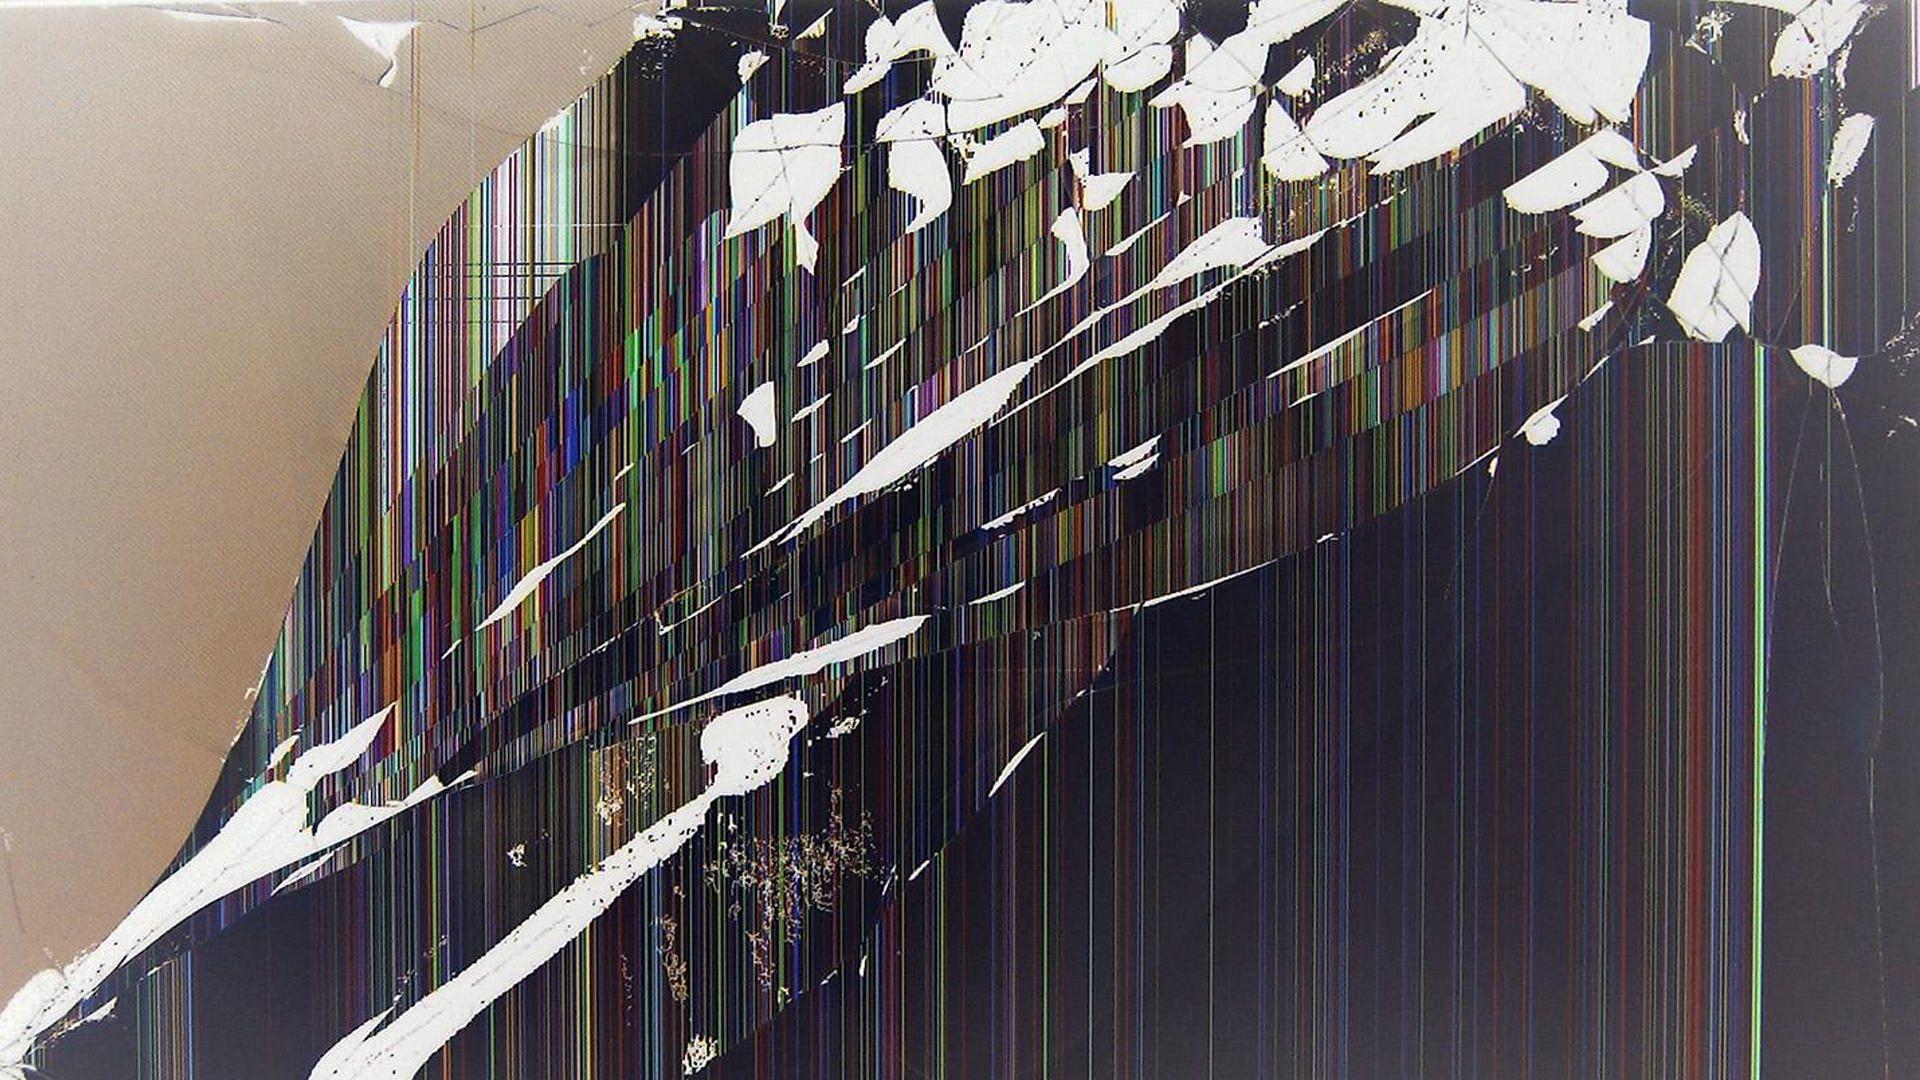 1920x1080 Hình nền màn hình máy tính bị hỏng